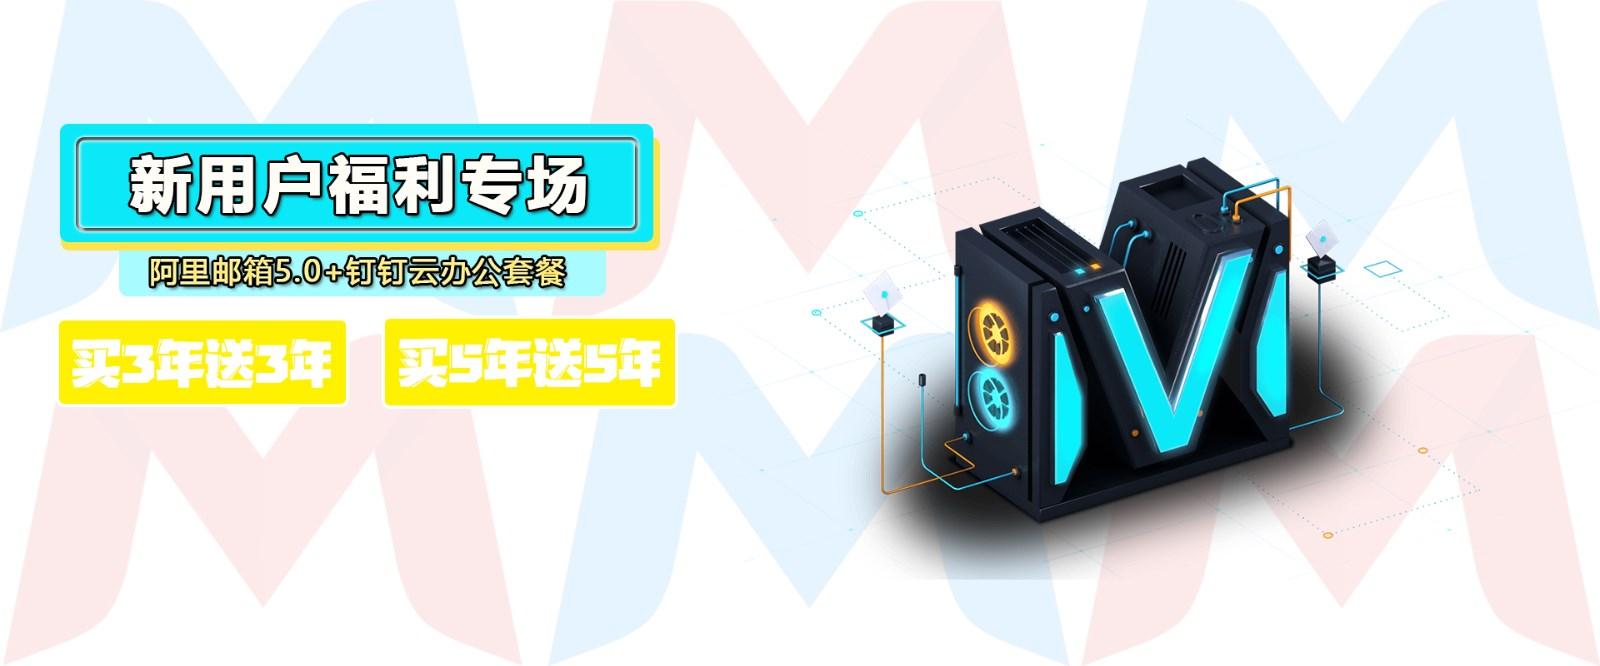 申请阿里云企业邮箱报价_企业管理软件-深圳市小龙科技信息咨询有限公司